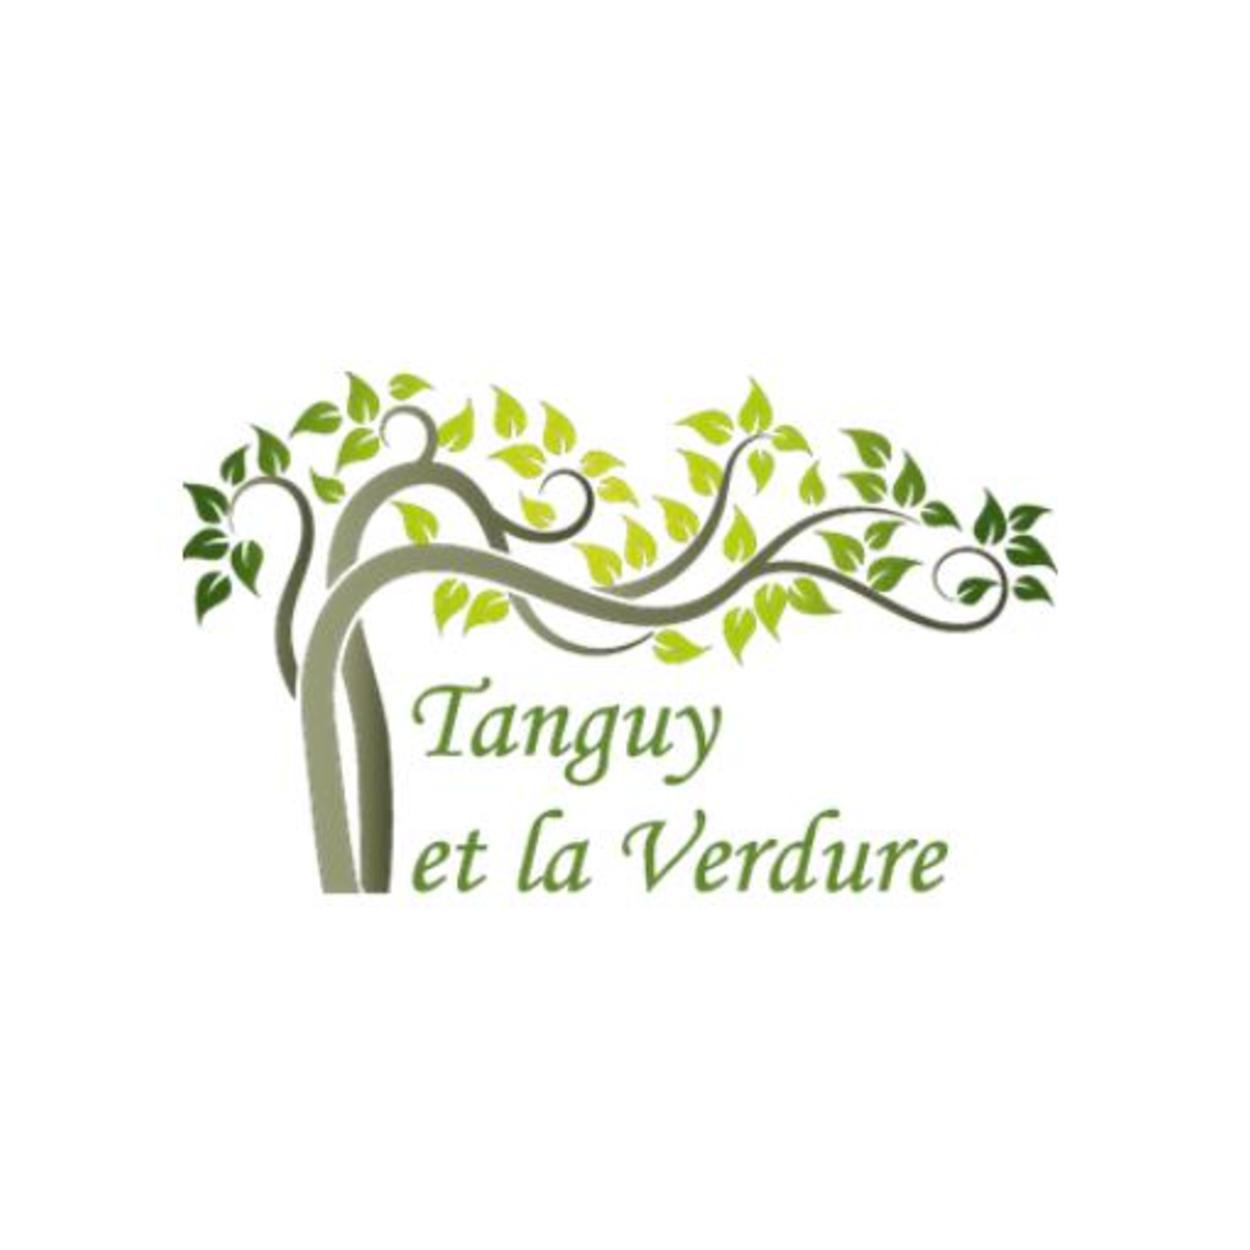 Tanguy et la Verdure